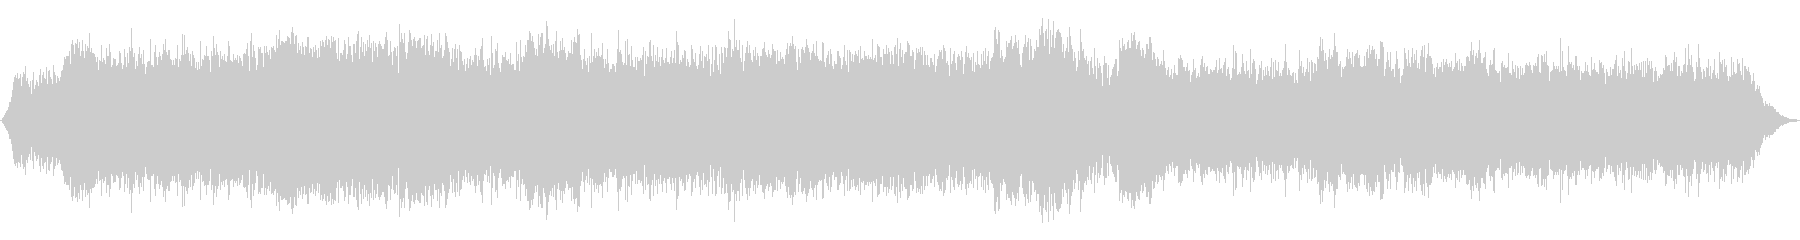 ホラーな不協和音ピアノBGMの未再生の波形